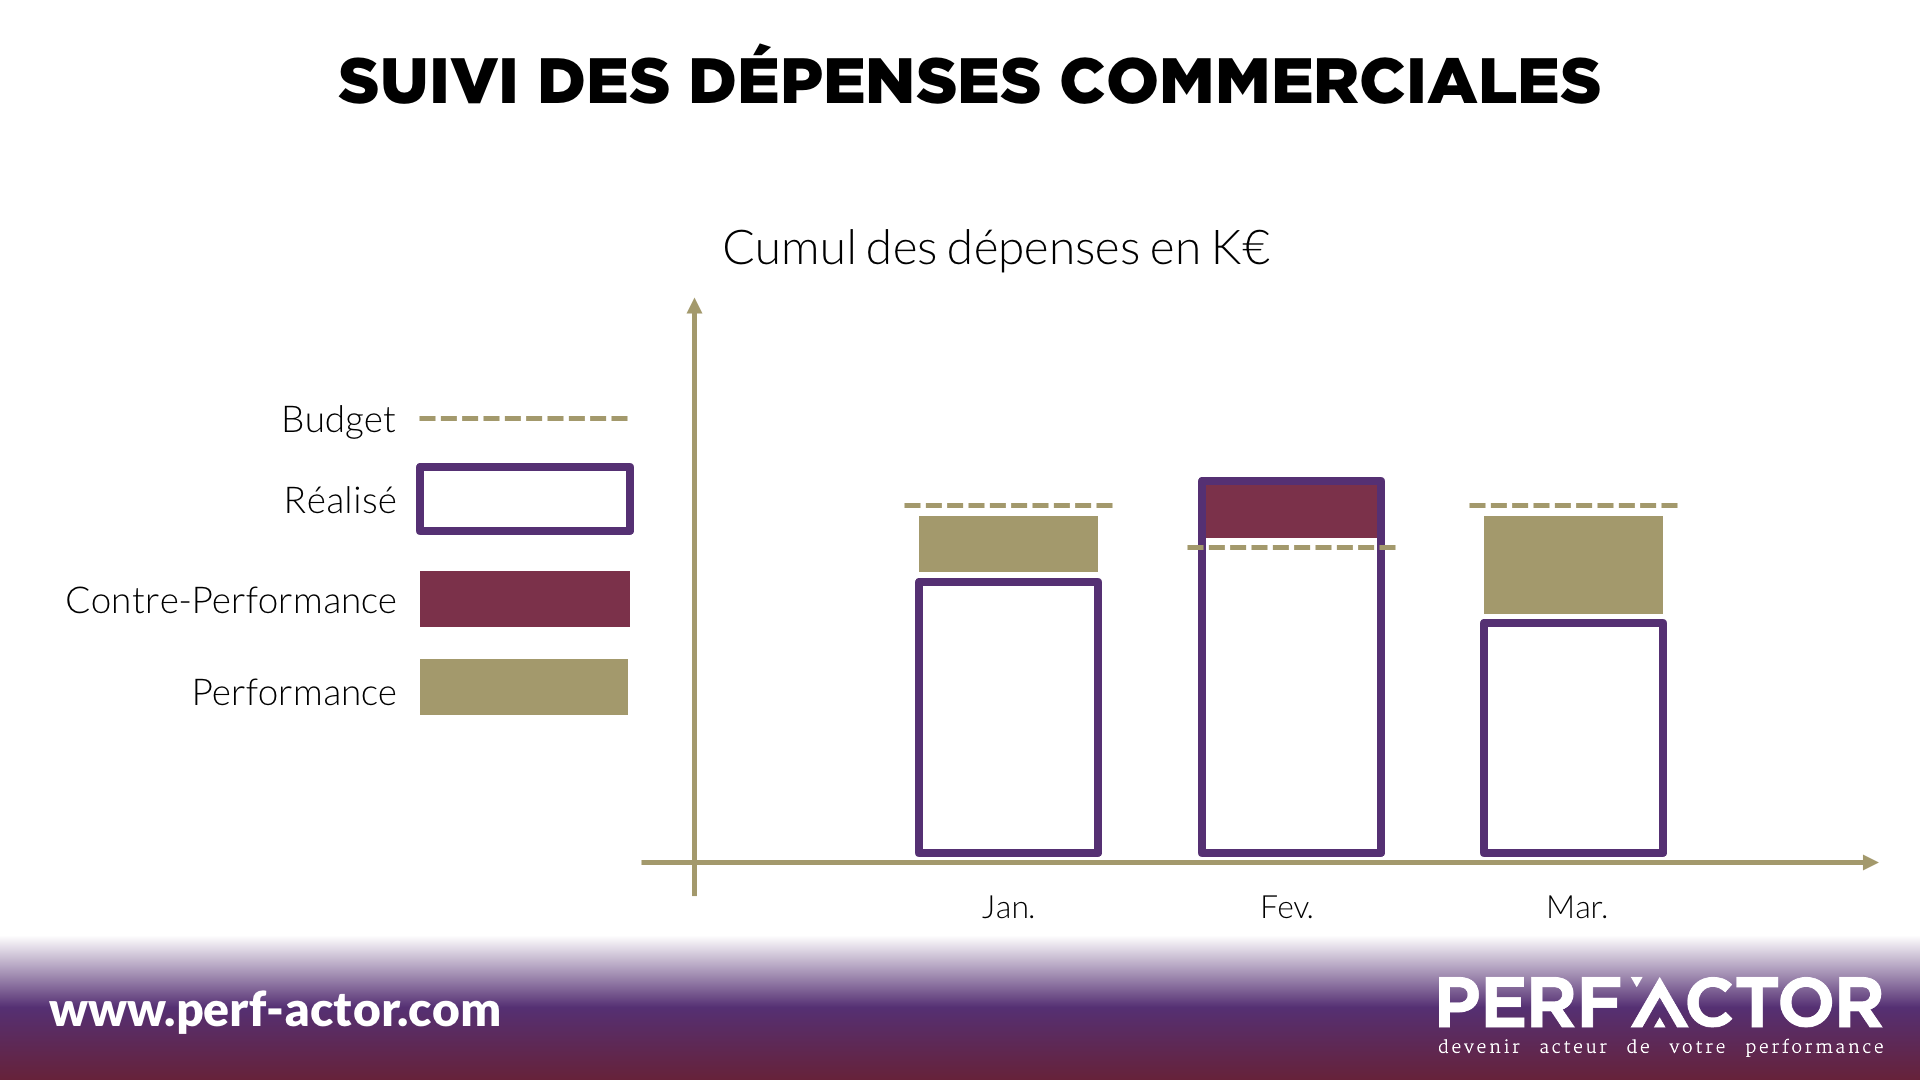 Performance d'entreprise : Suivi des dépenses commerciales